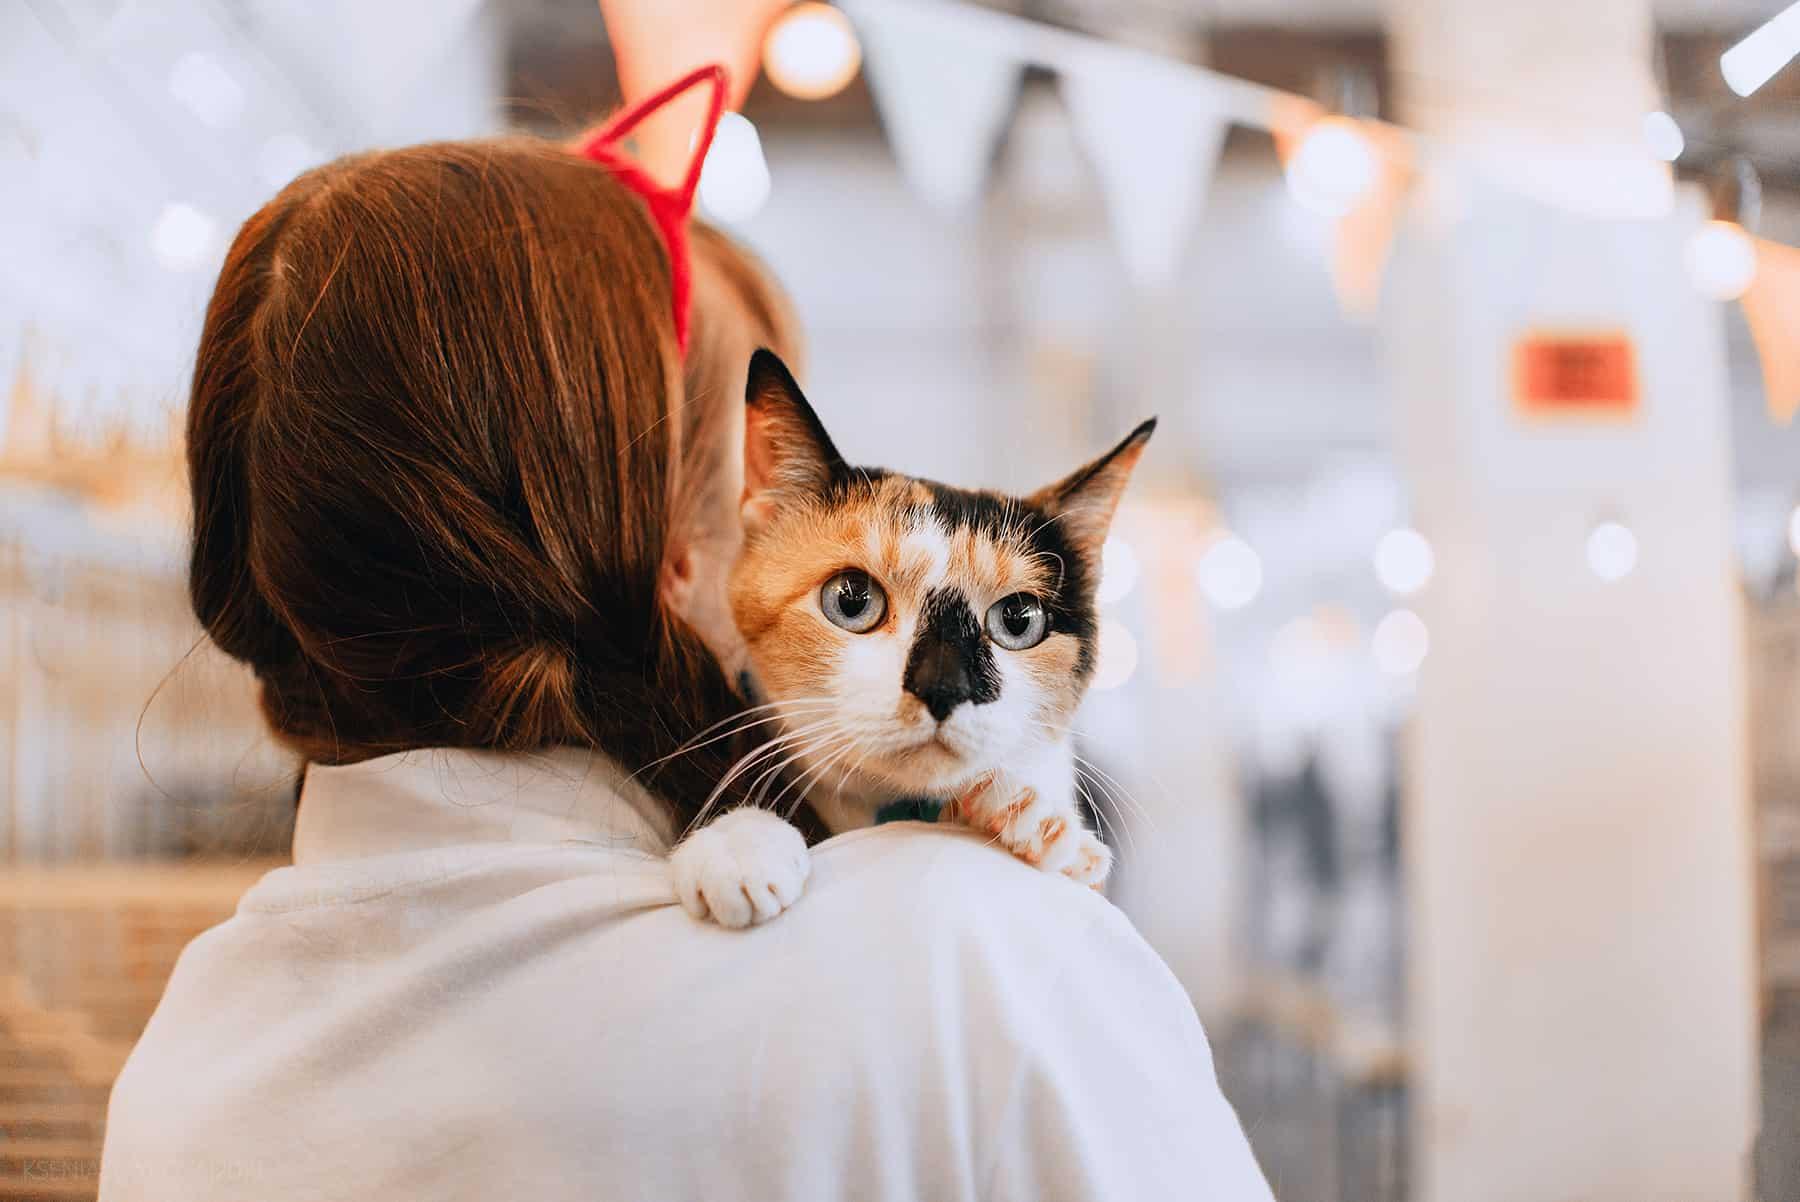 woof fest О кошках, собаках, приютах и благотворительности. Интервью с организаторами фестиваля Woof Fest ufr8gMnjivo 2